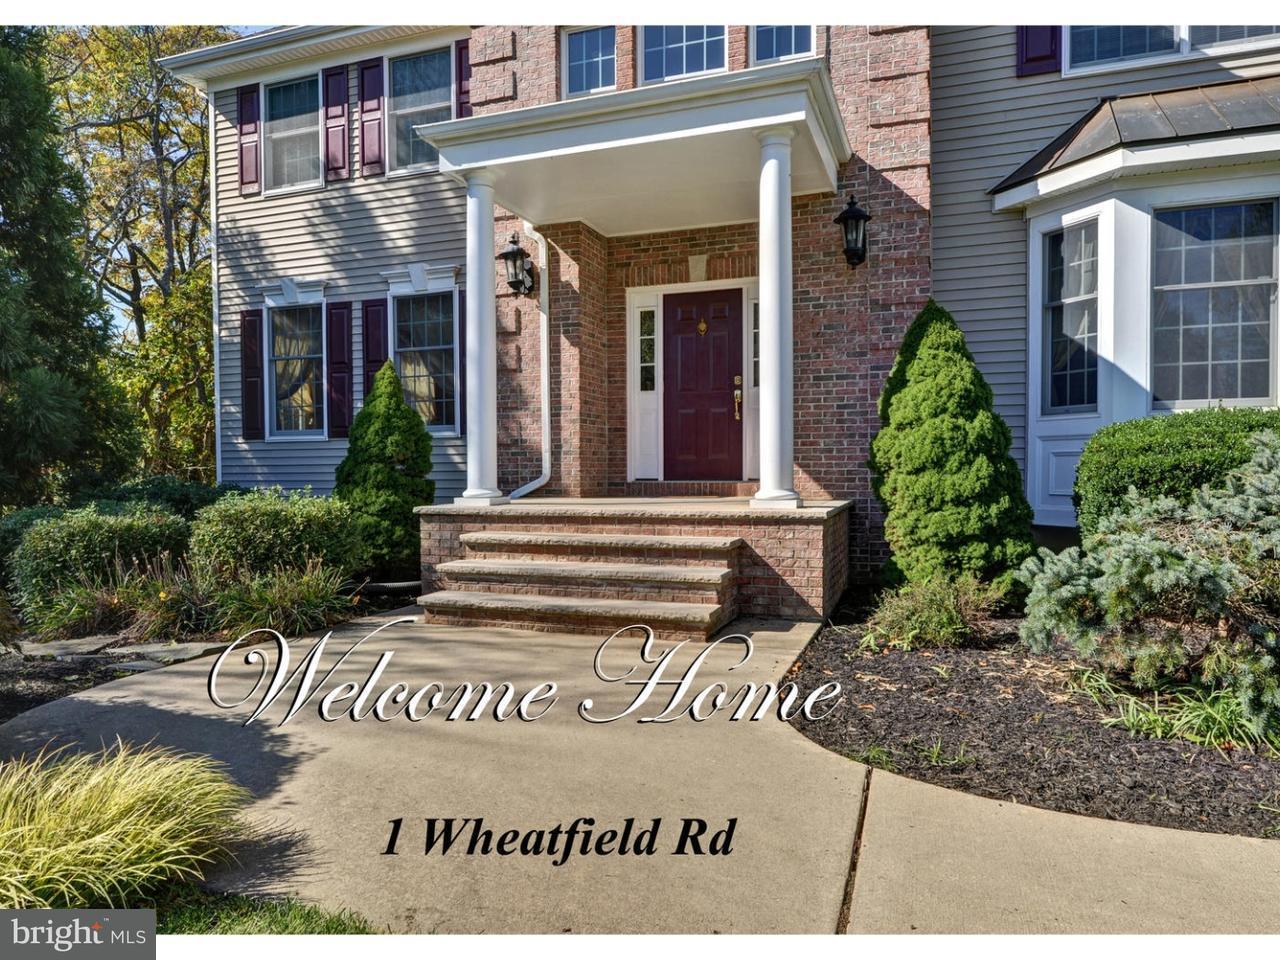 Eensgezinswoning voor Huren een t 1 WHEATFIELD RD #1 Cranbury, New Jersey 08512 Verenigde StatenIn/Rond: Cranbury Township